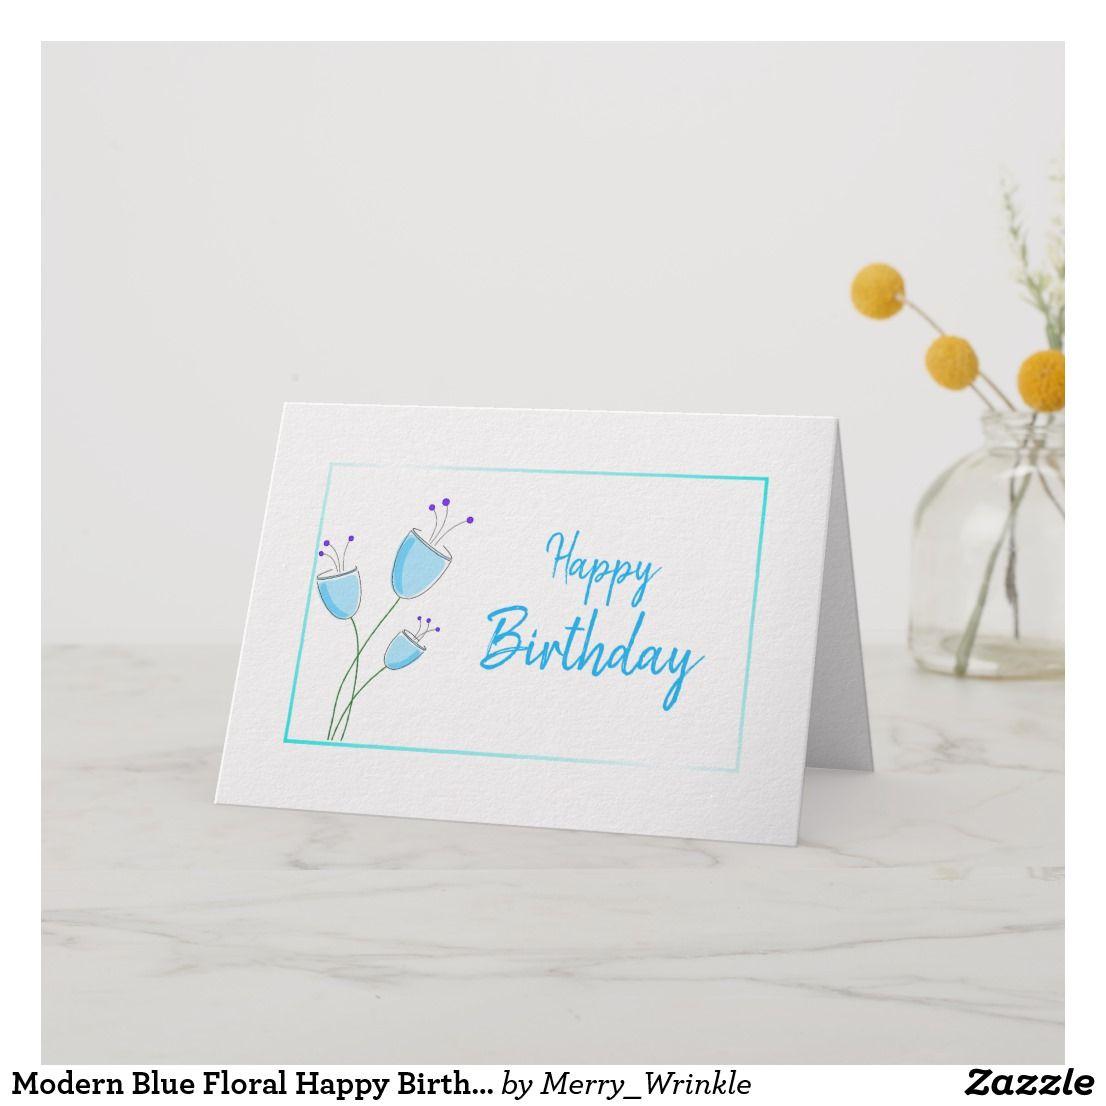 Modern Blue Floral Happy Birthday Card Birthday Cards Modern Birthday Happy Birthday Cards